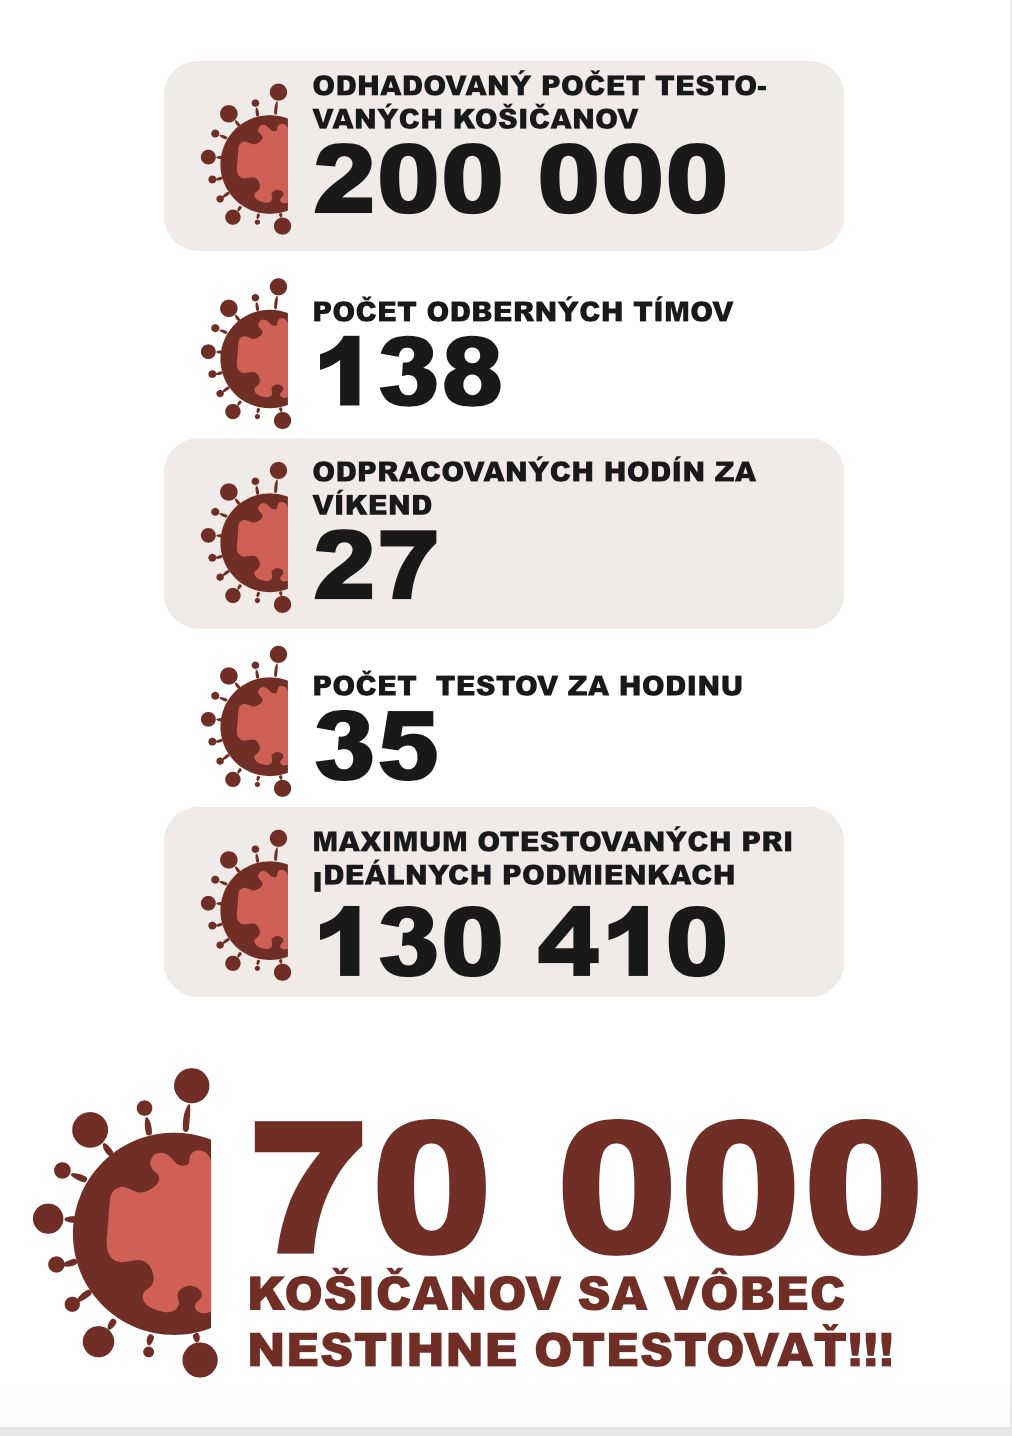 Košice avizujú, že 70-tisíc Košičanov sa vôbec nestihne otestovať. V Banskej Bystrici ešte inštalujú osvetlenie